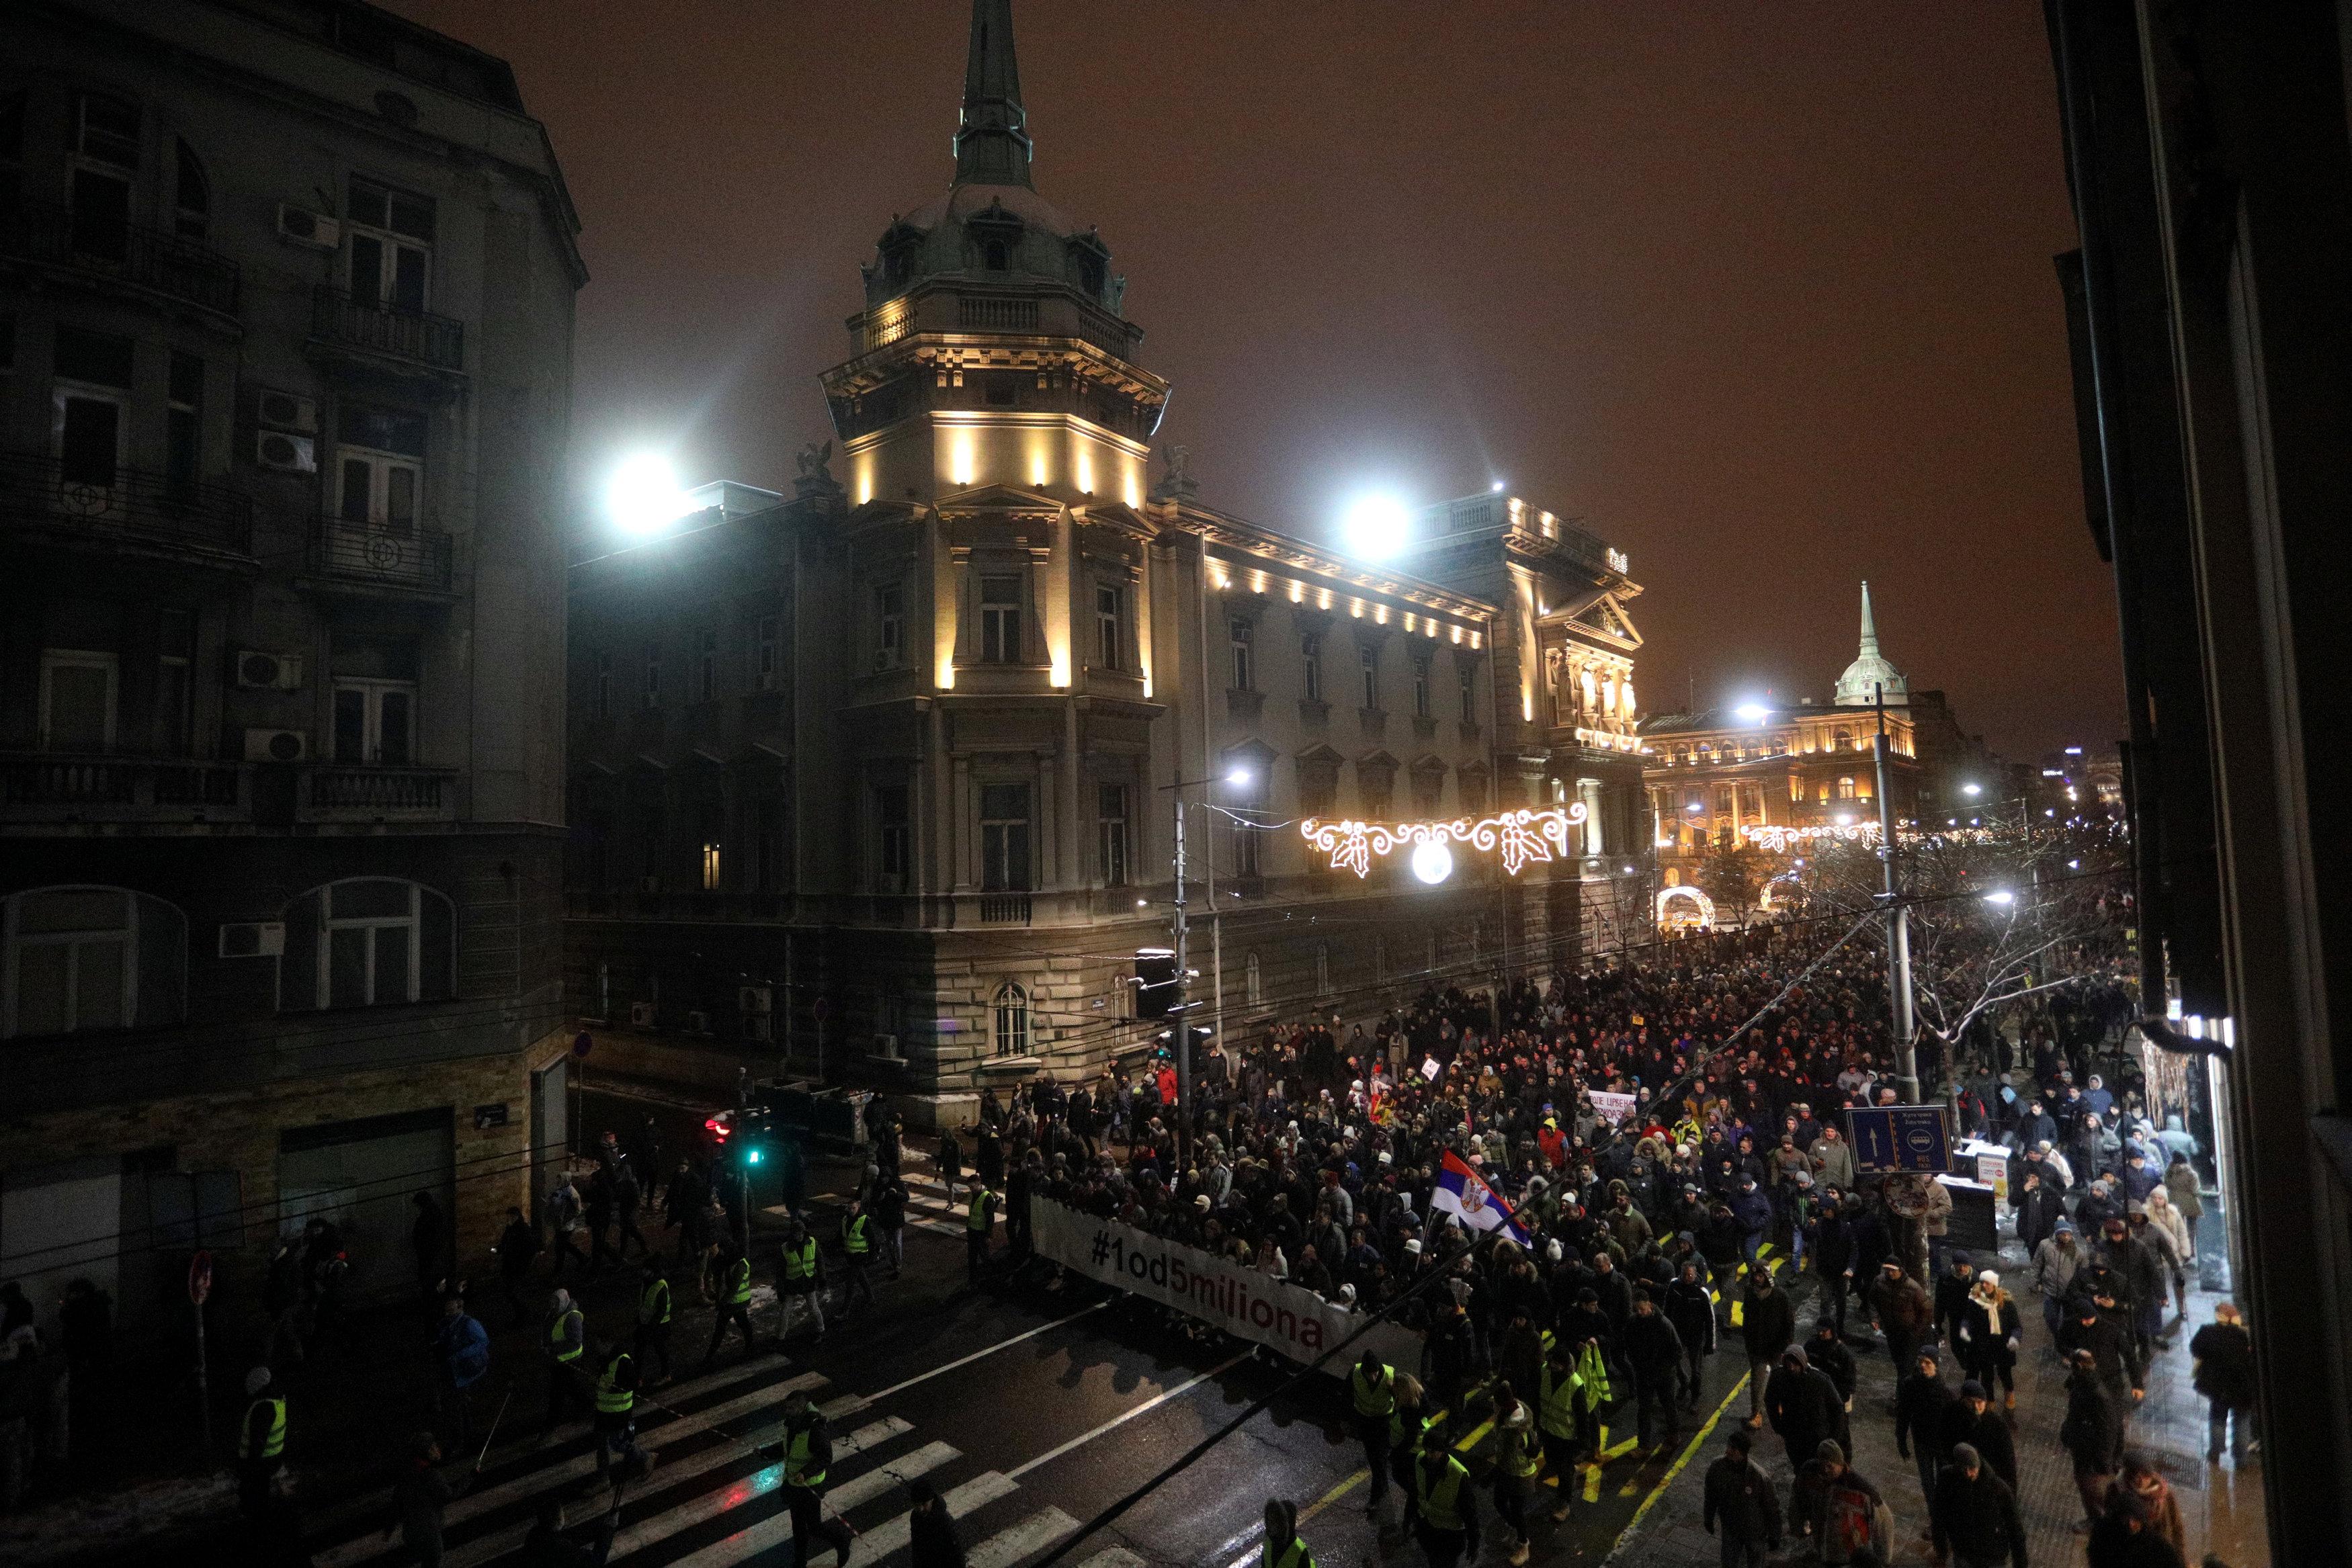 الاحتجاجات الحاشدة ضد الرئيس الصربى فى شوارع بلجراد (7)